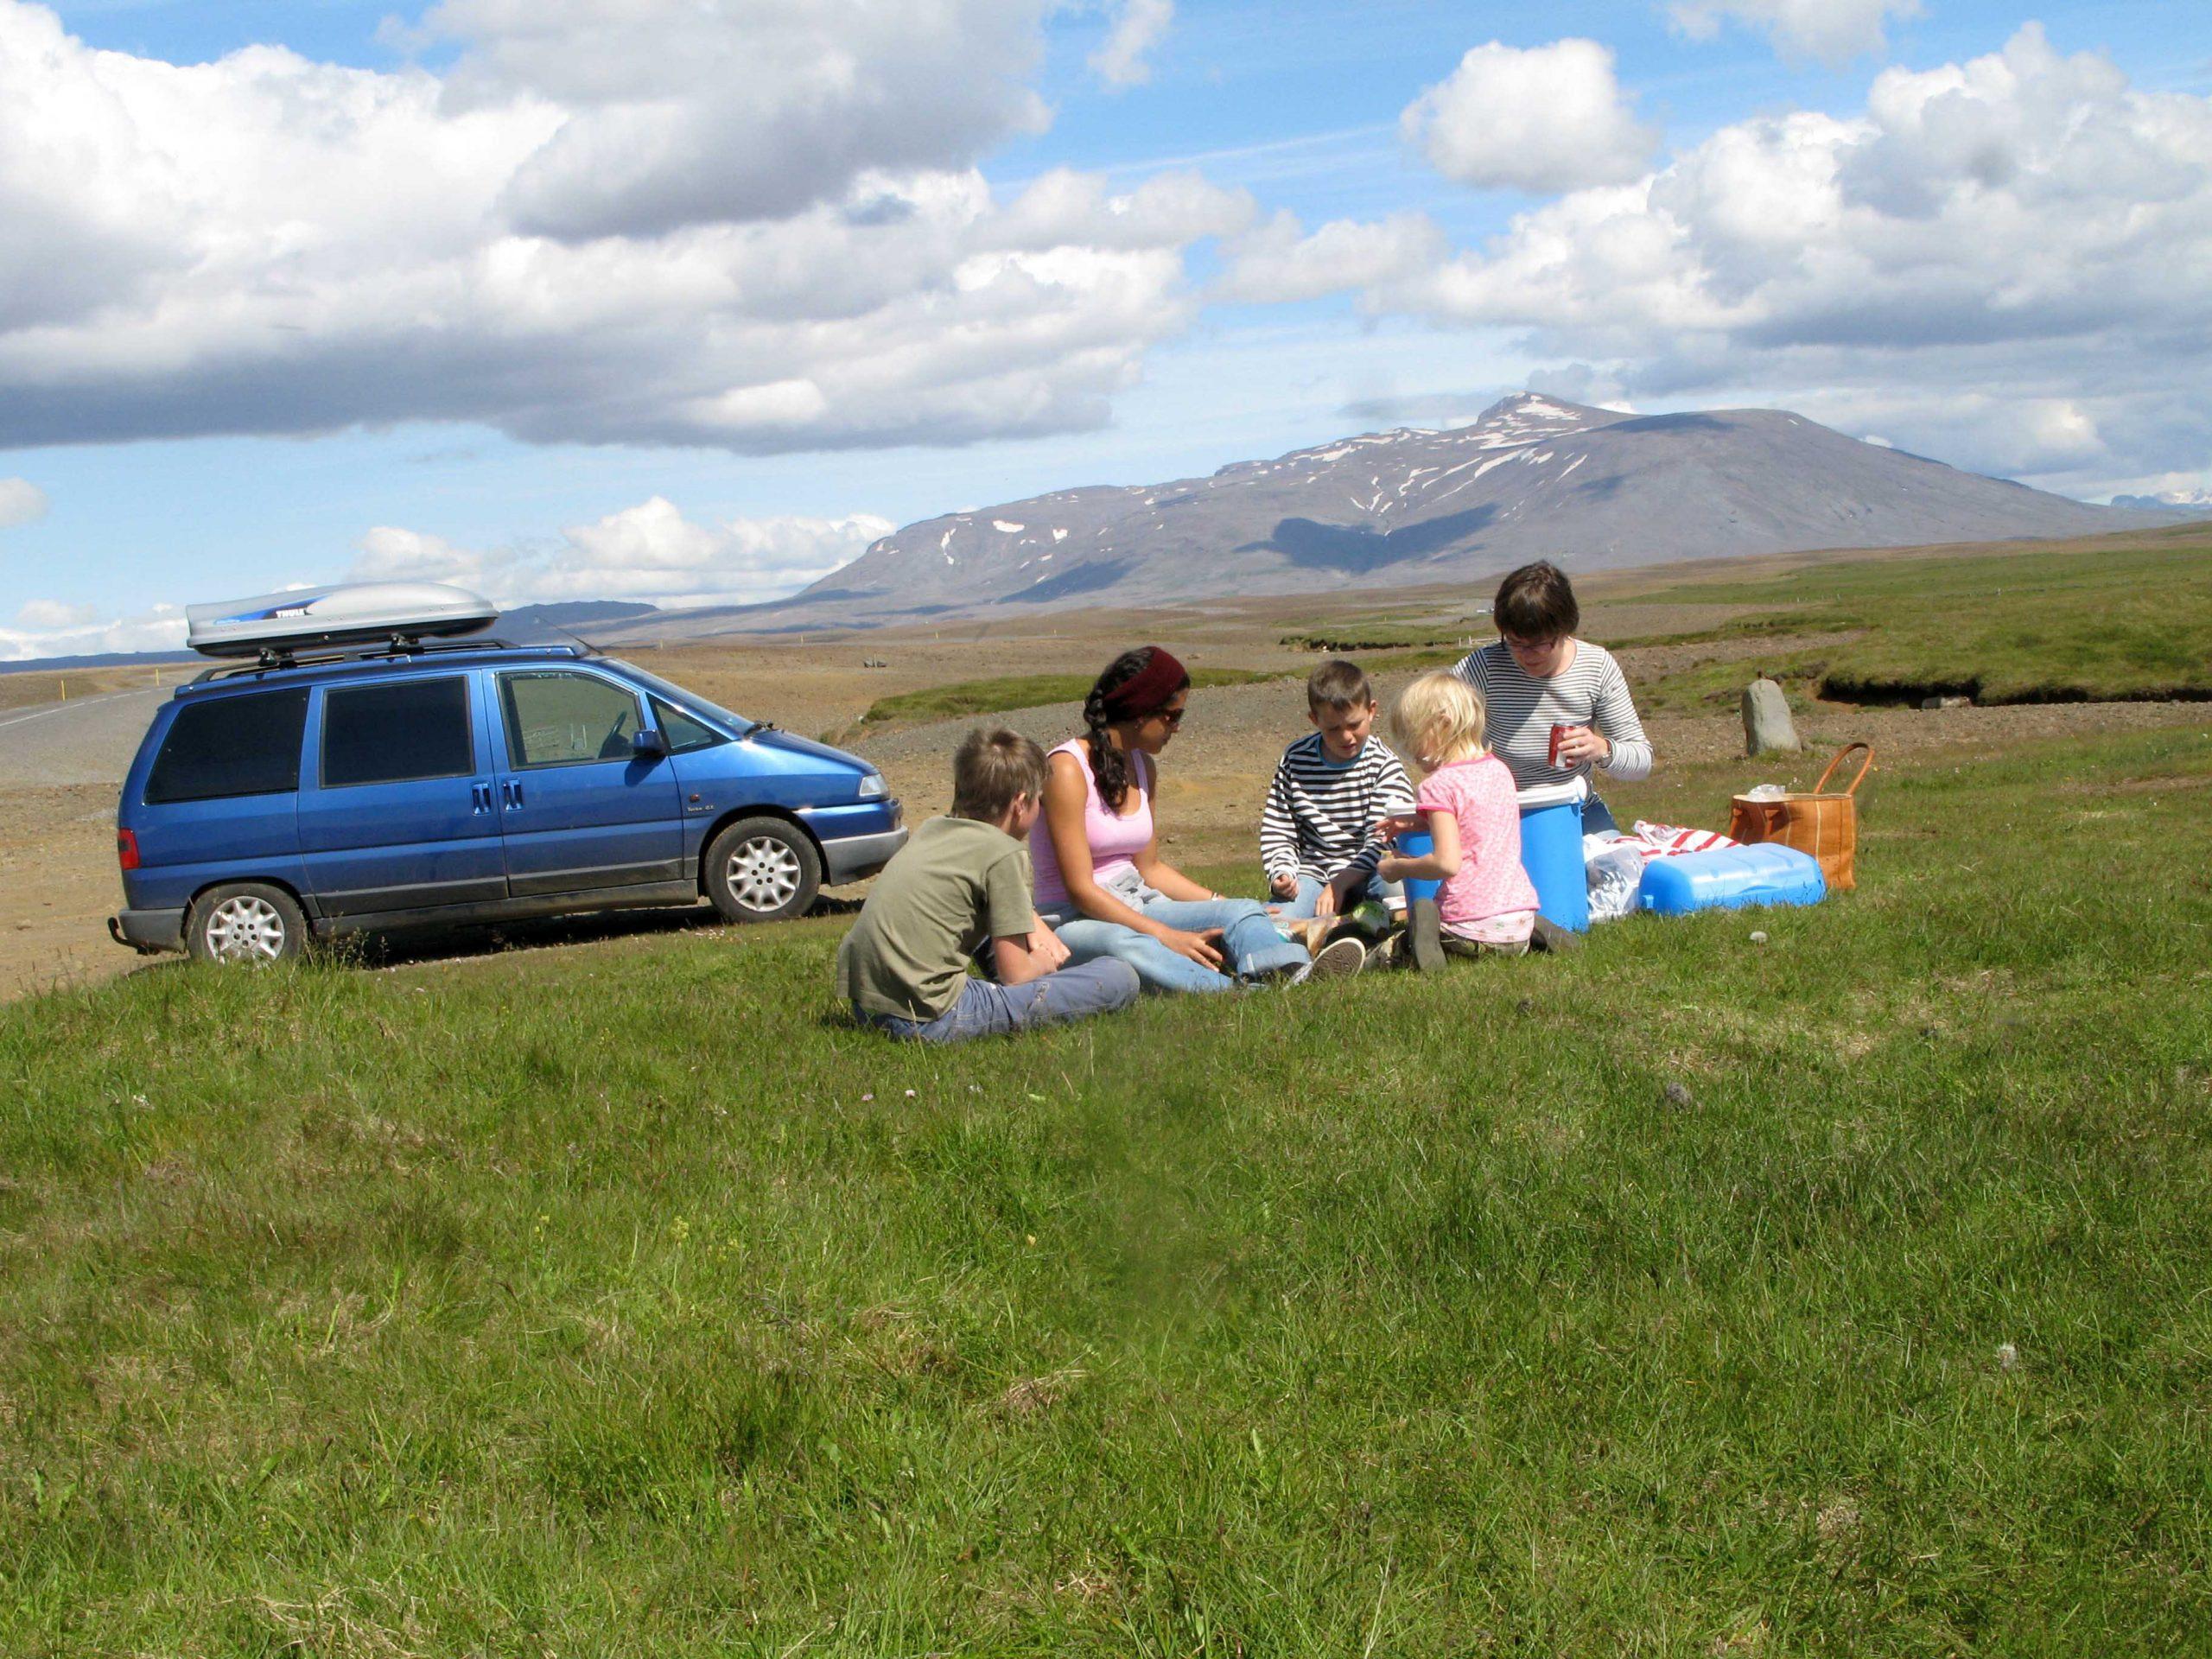 Holder Island kursen med faldende smittetal, kan landet være på vej til at blive genåbnet i de danske rejsevejledninger. Arkivpressefoto fra Smyril Line.